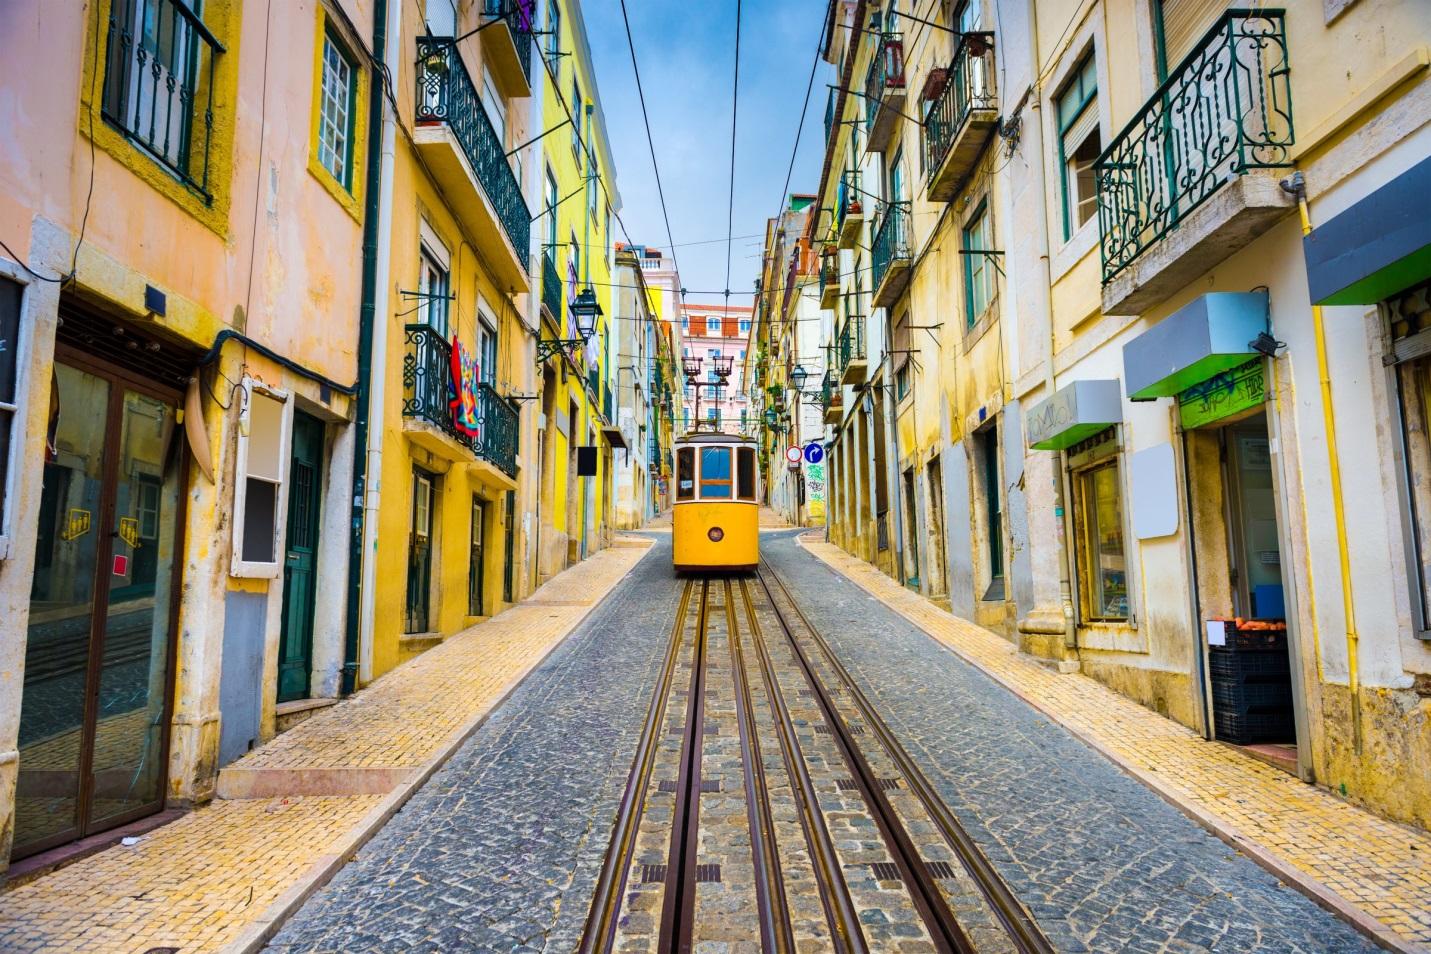 Переезд в Португалию: гайд для кандидата на золотую визу и не только